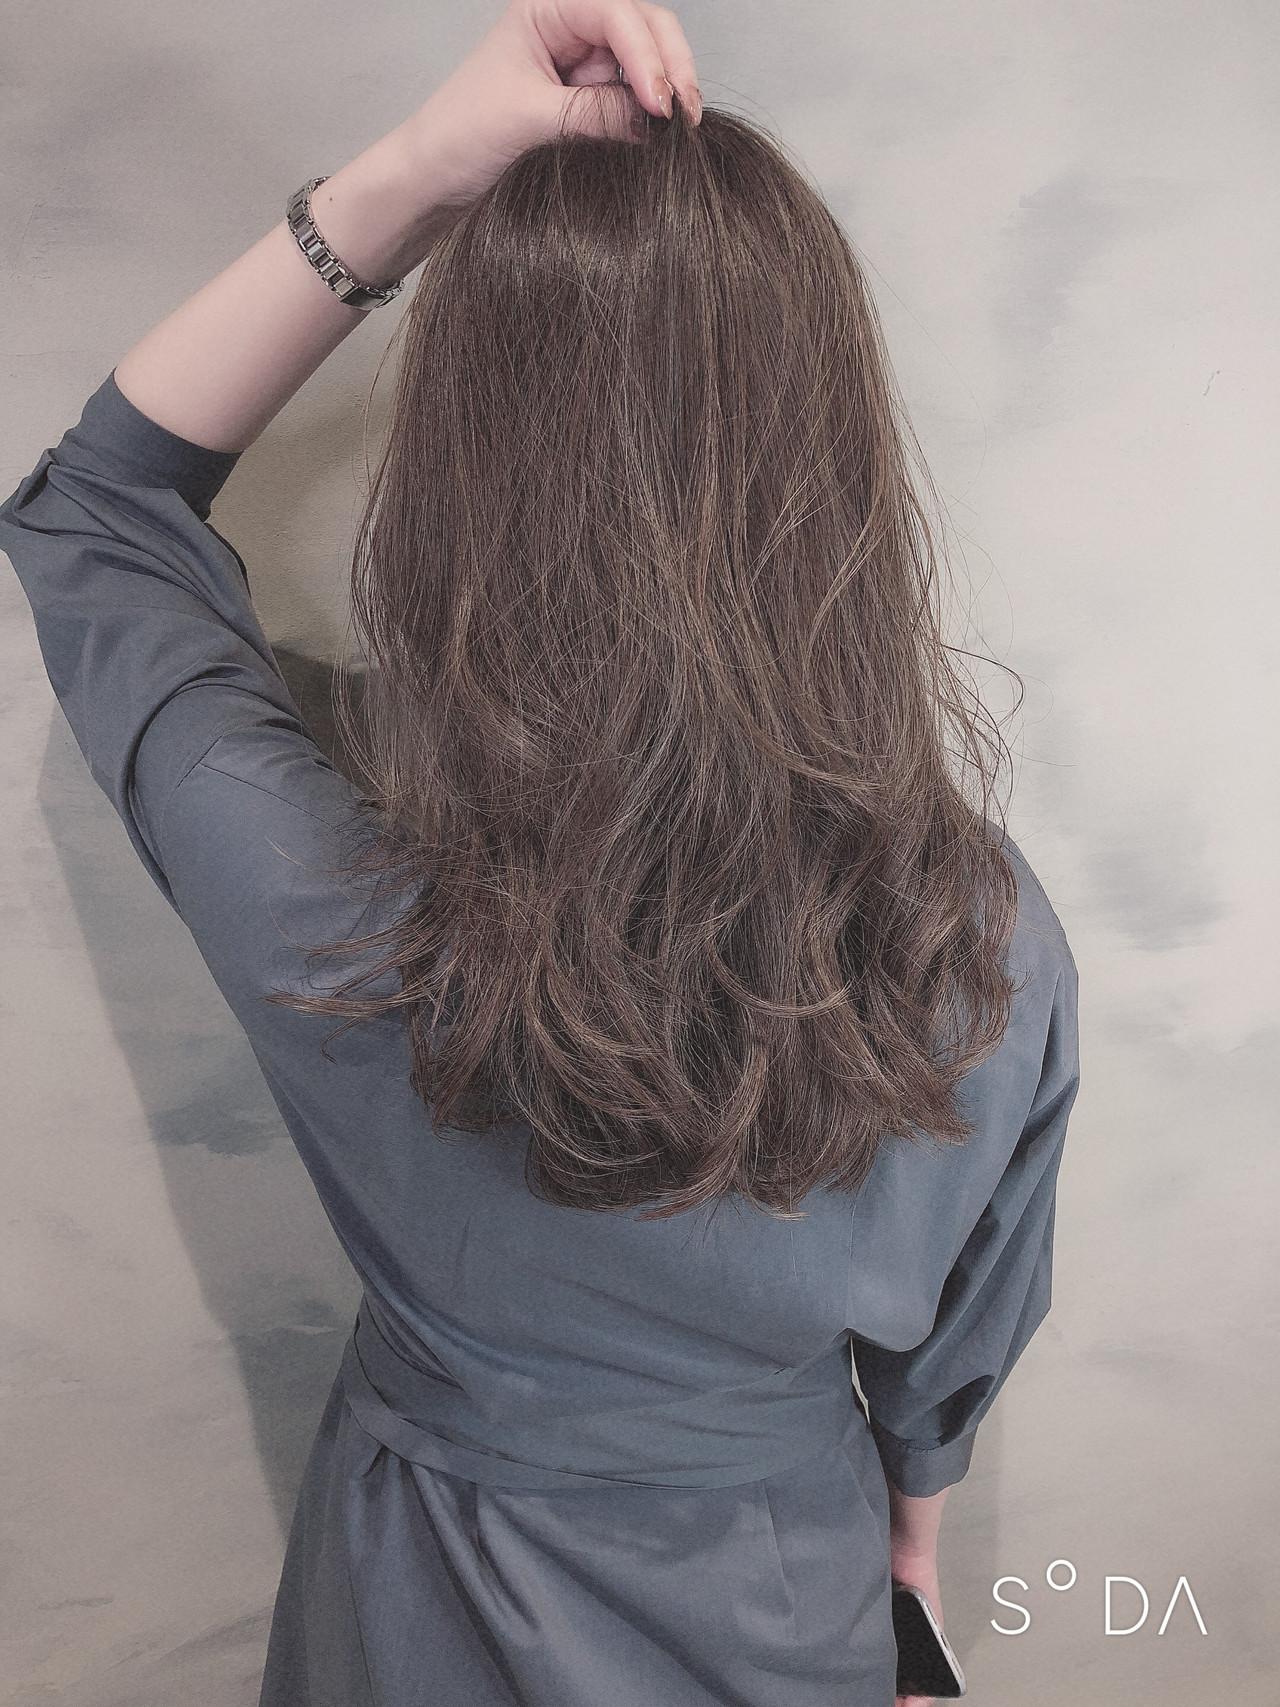 ミルクティーグレージュ セミロング アッシュグレージュ ミルクグレージュ ヘアスタイルや髪型の写真・画像